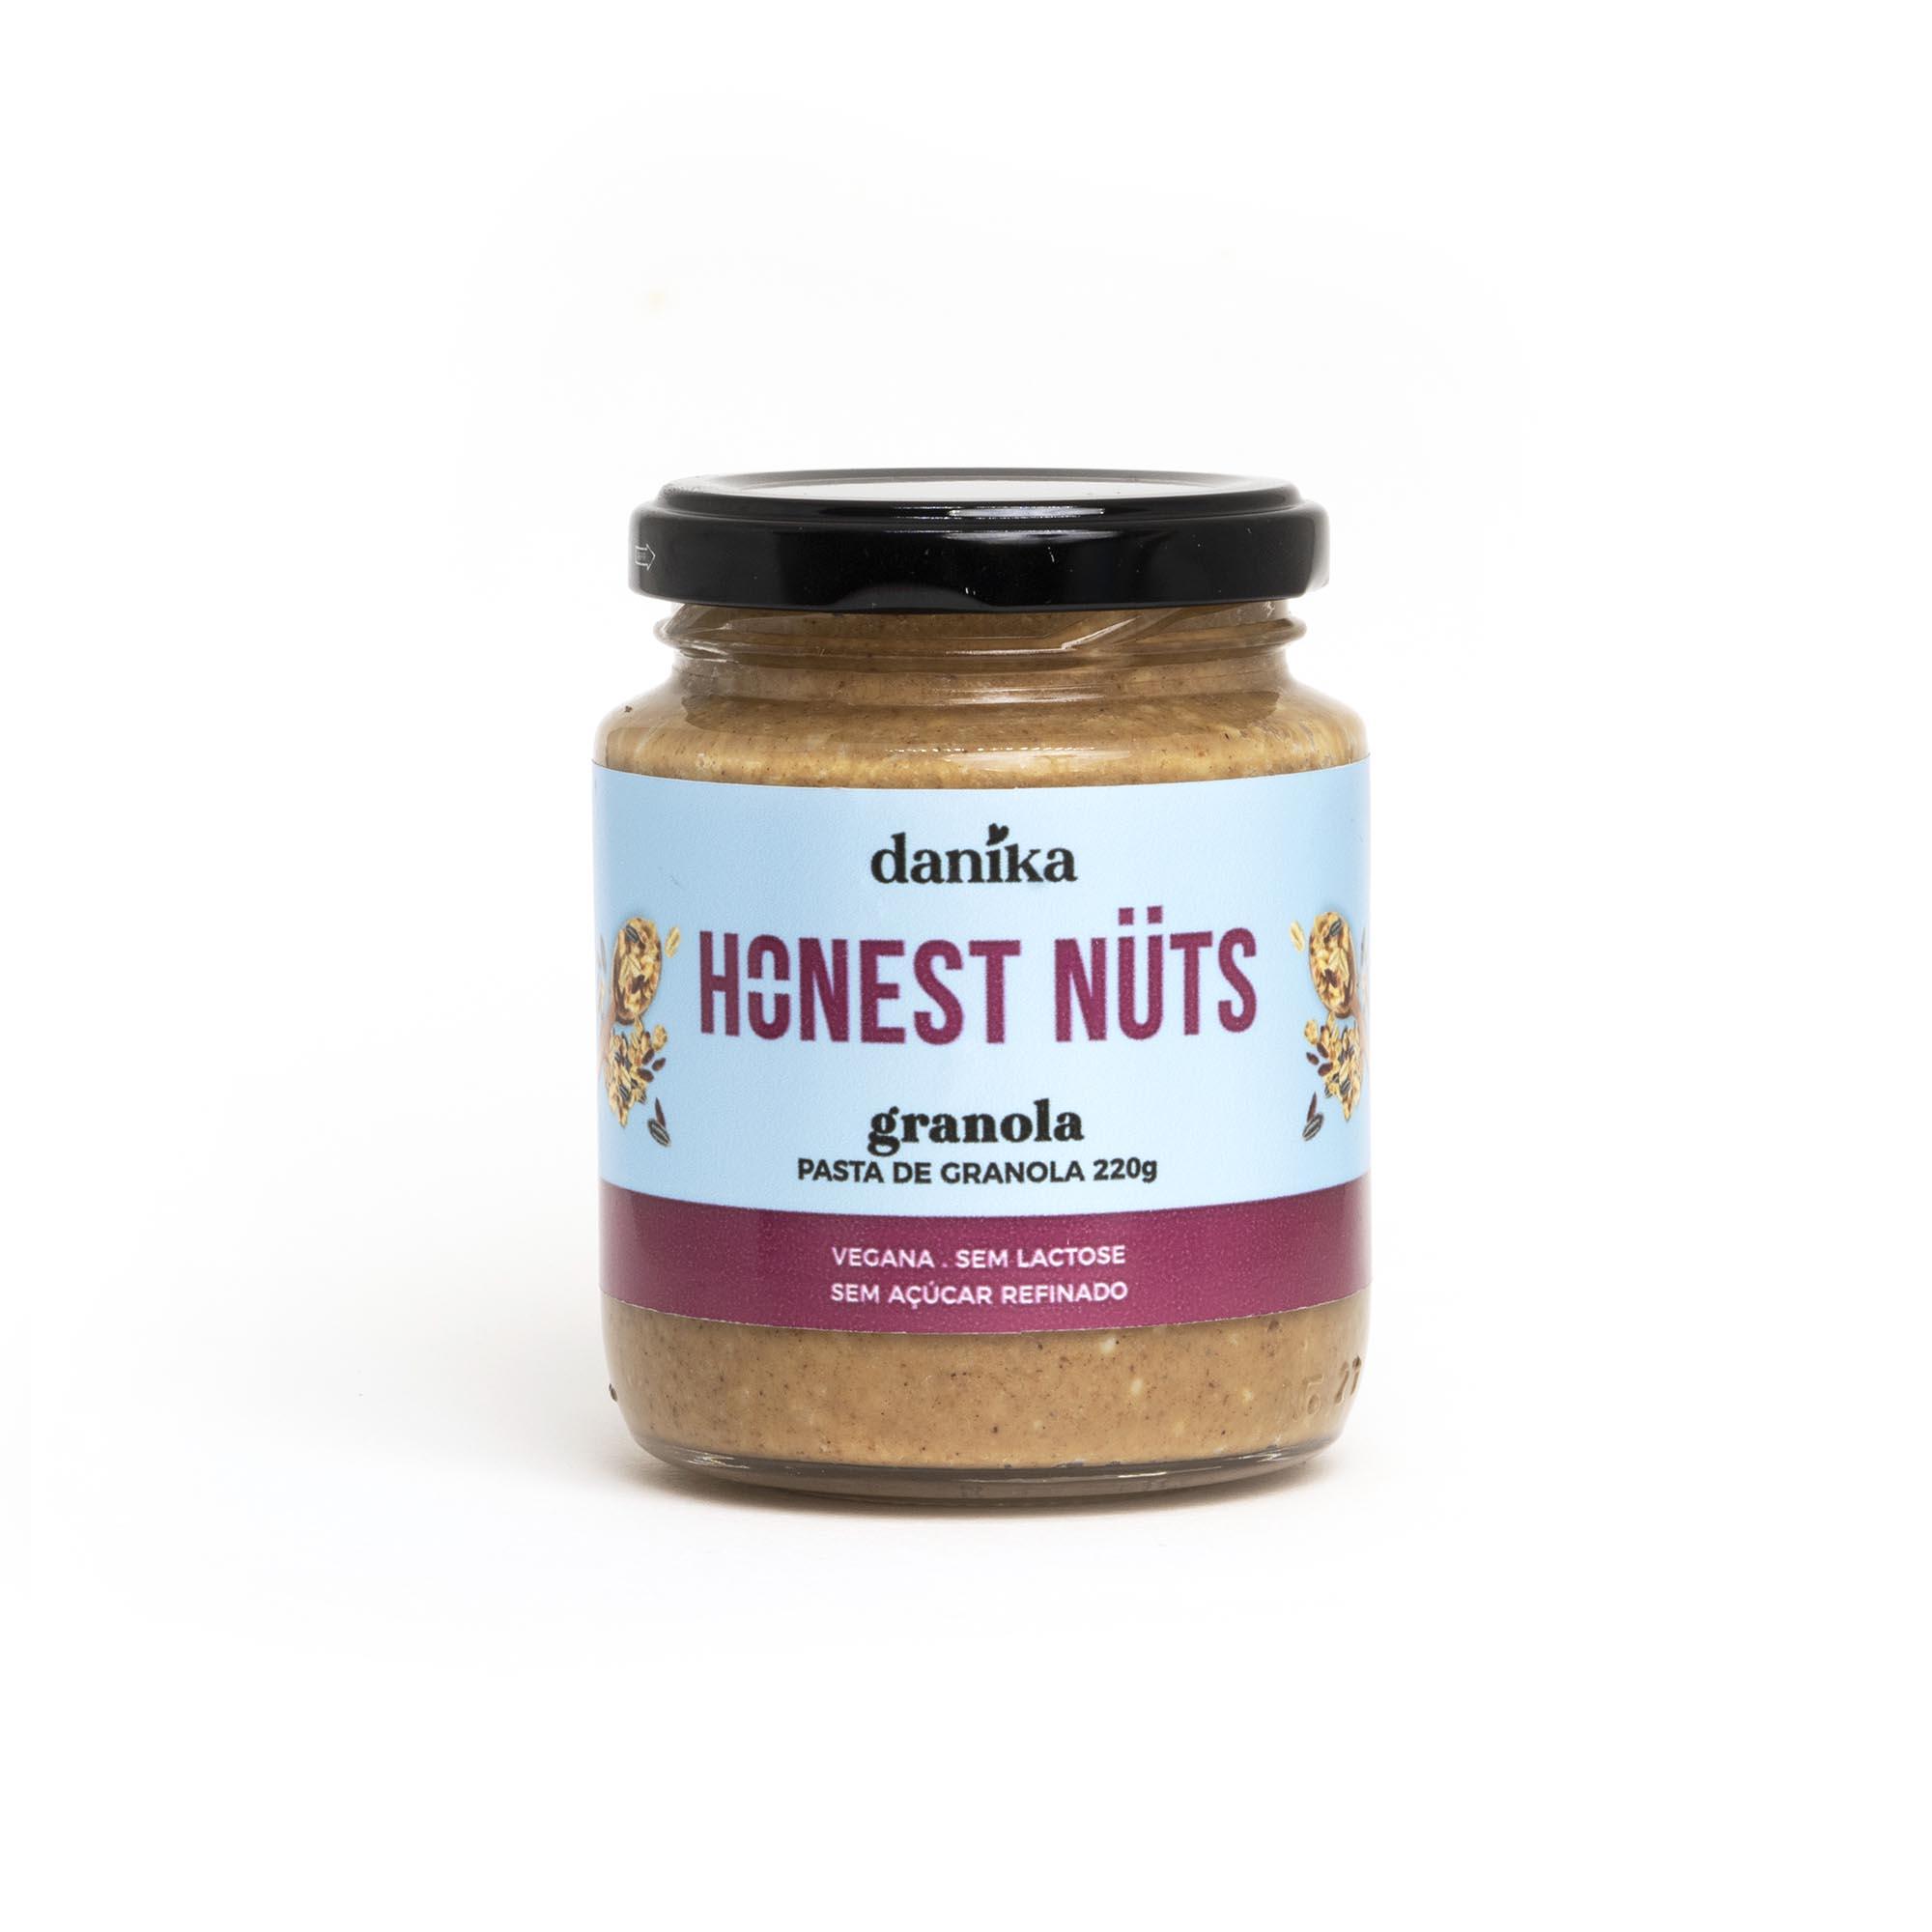 HN Granola  - Honest Nuts